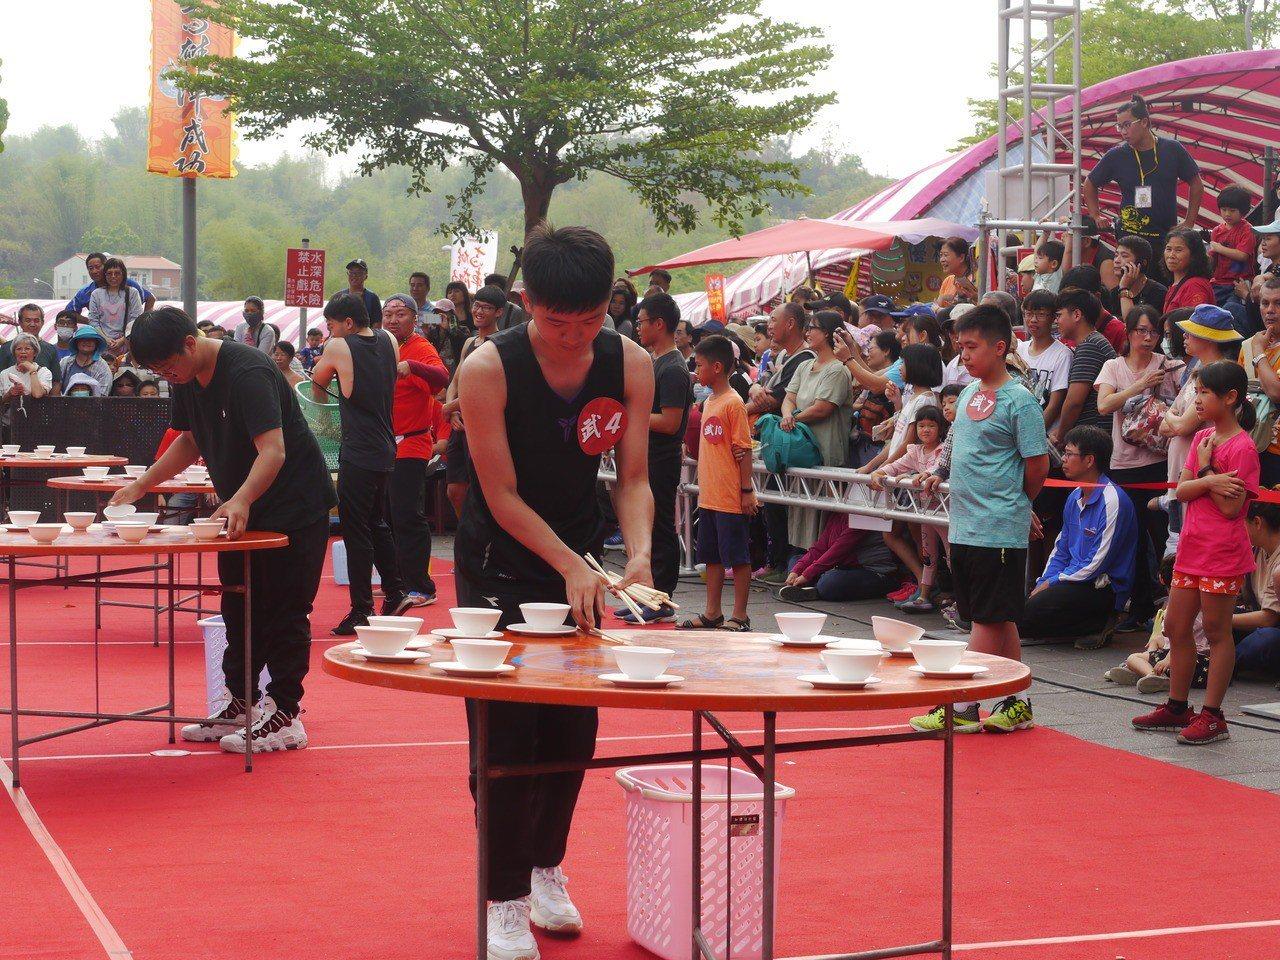 「比武招親」競賽項目之一,參賽者要比賽辦桌時的擺桌速度。記者徐白櫻/攝影